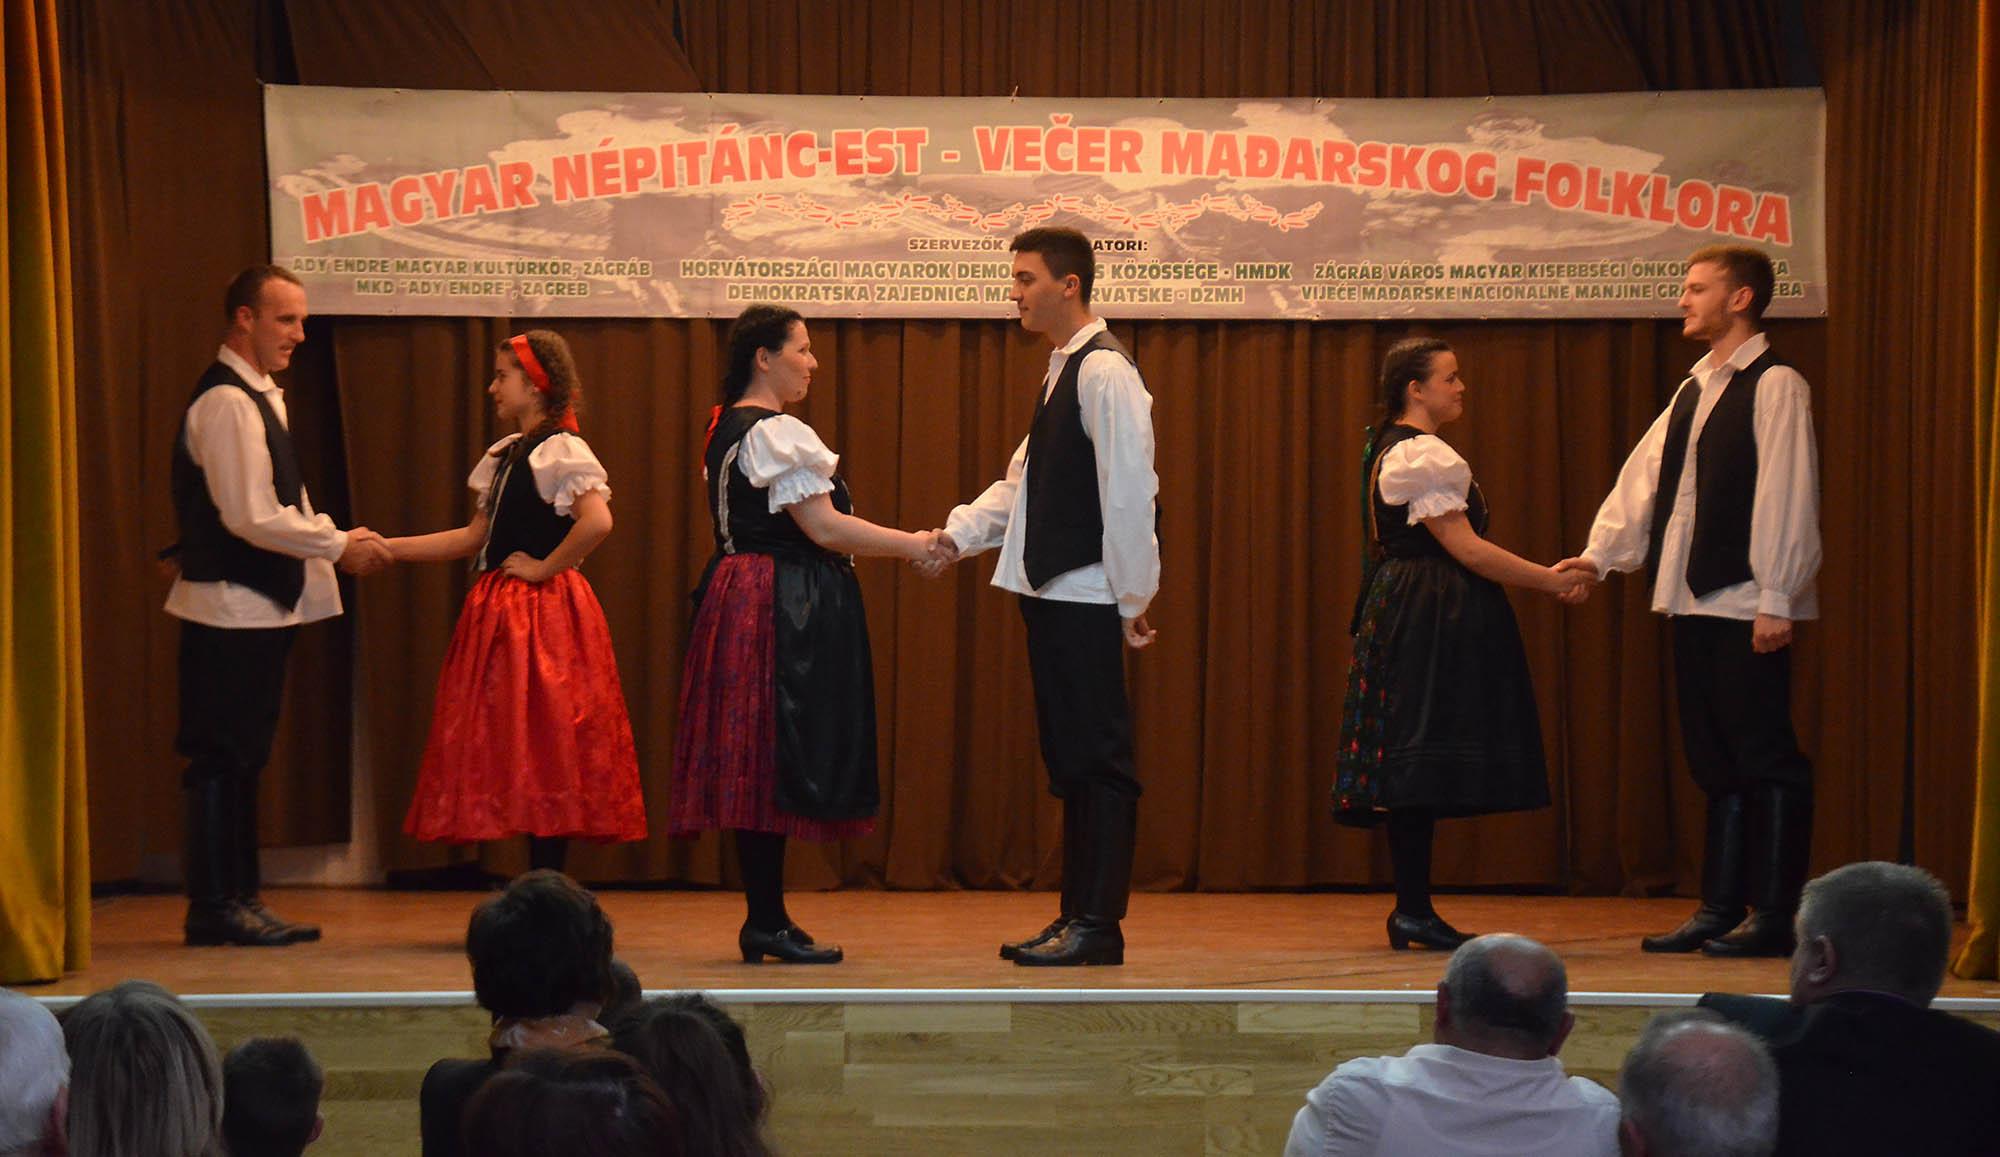 Vecer Madjarskkog Folklora (13)